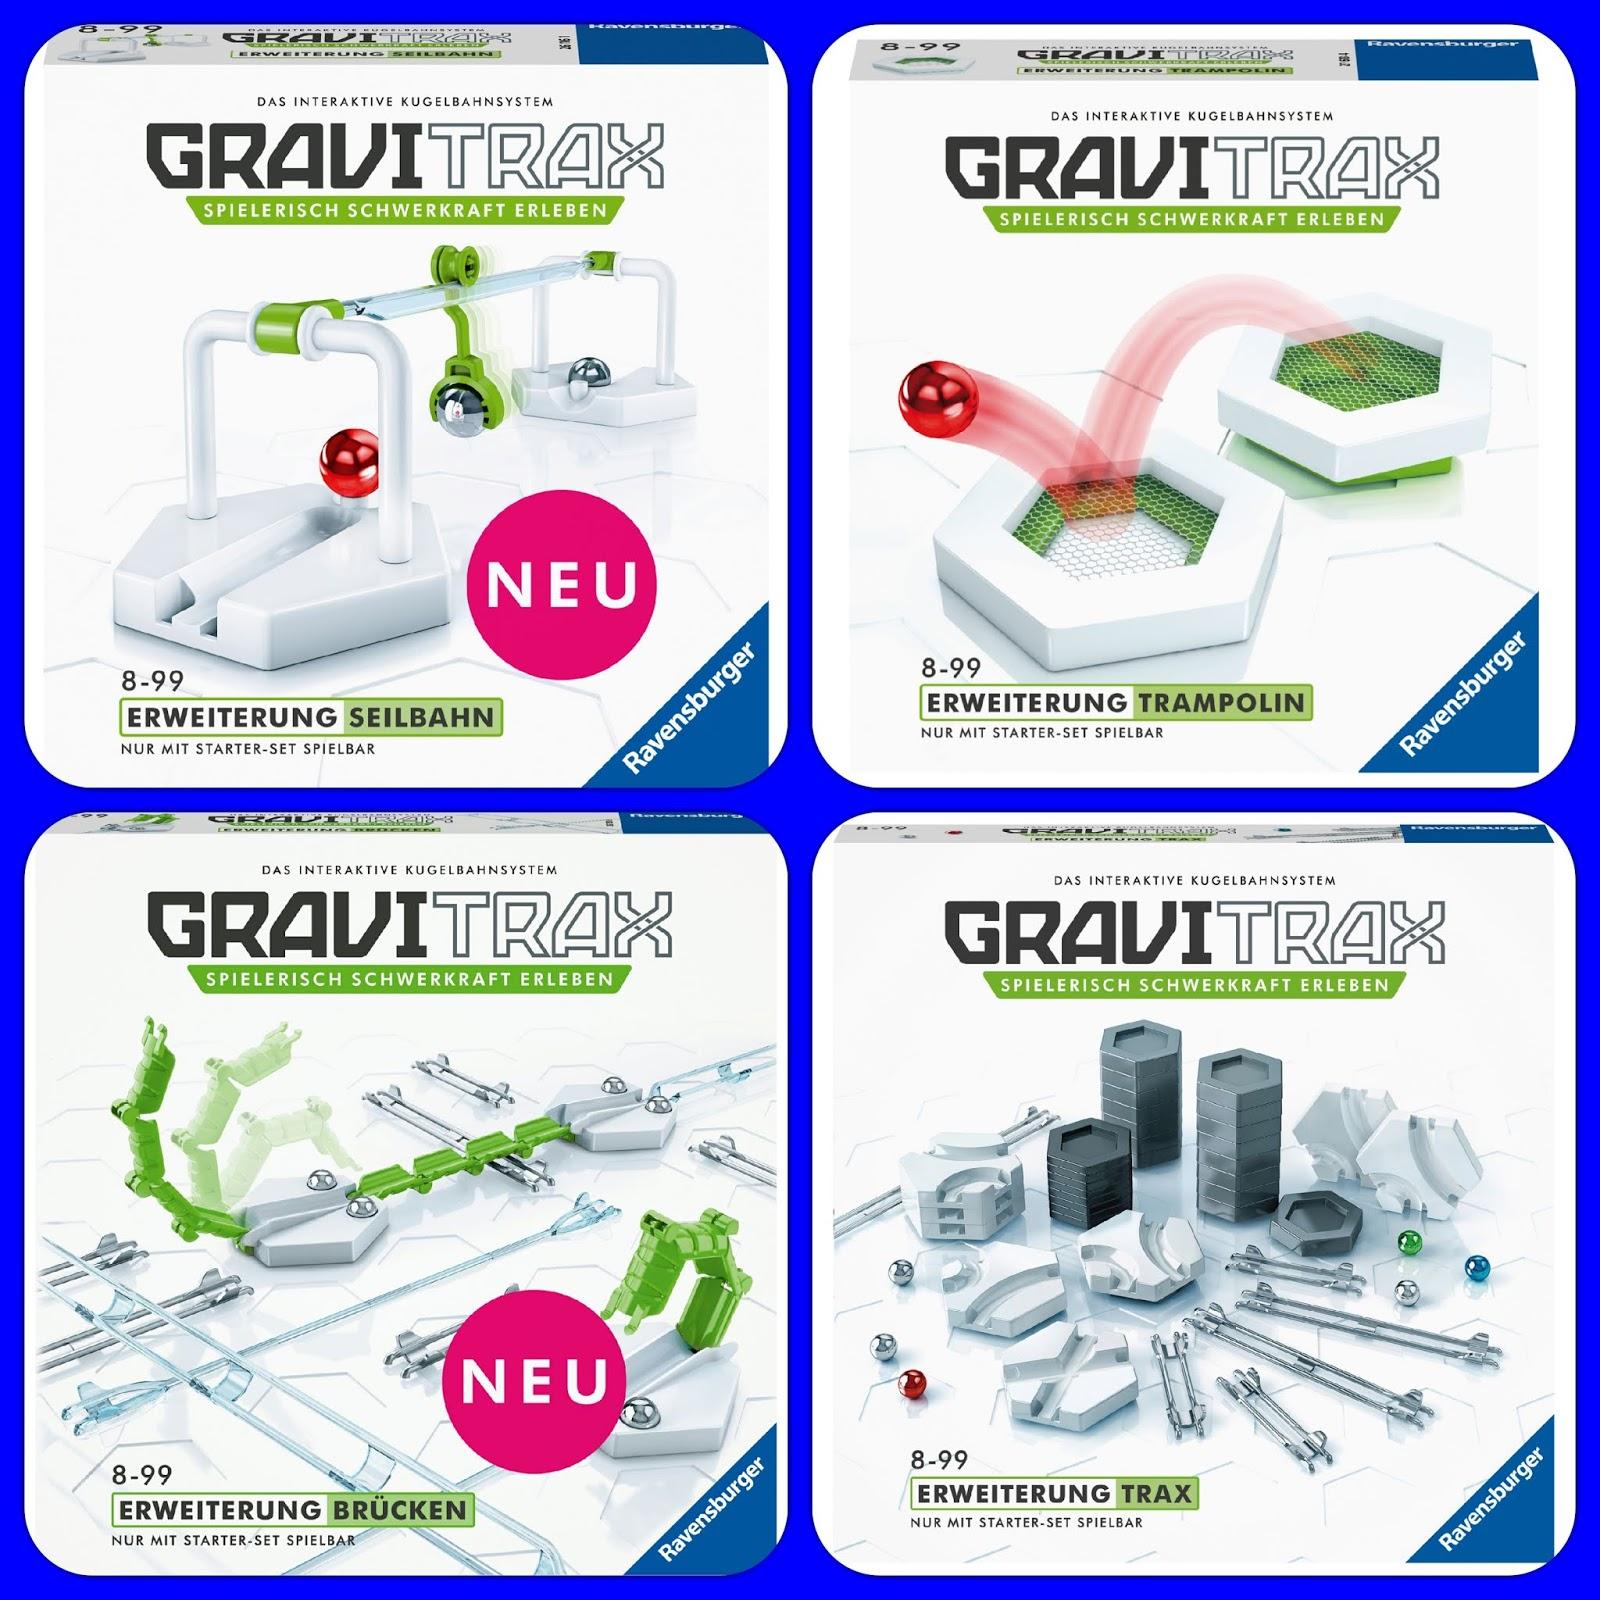 GraviTrax Starterset und Erweiterungen